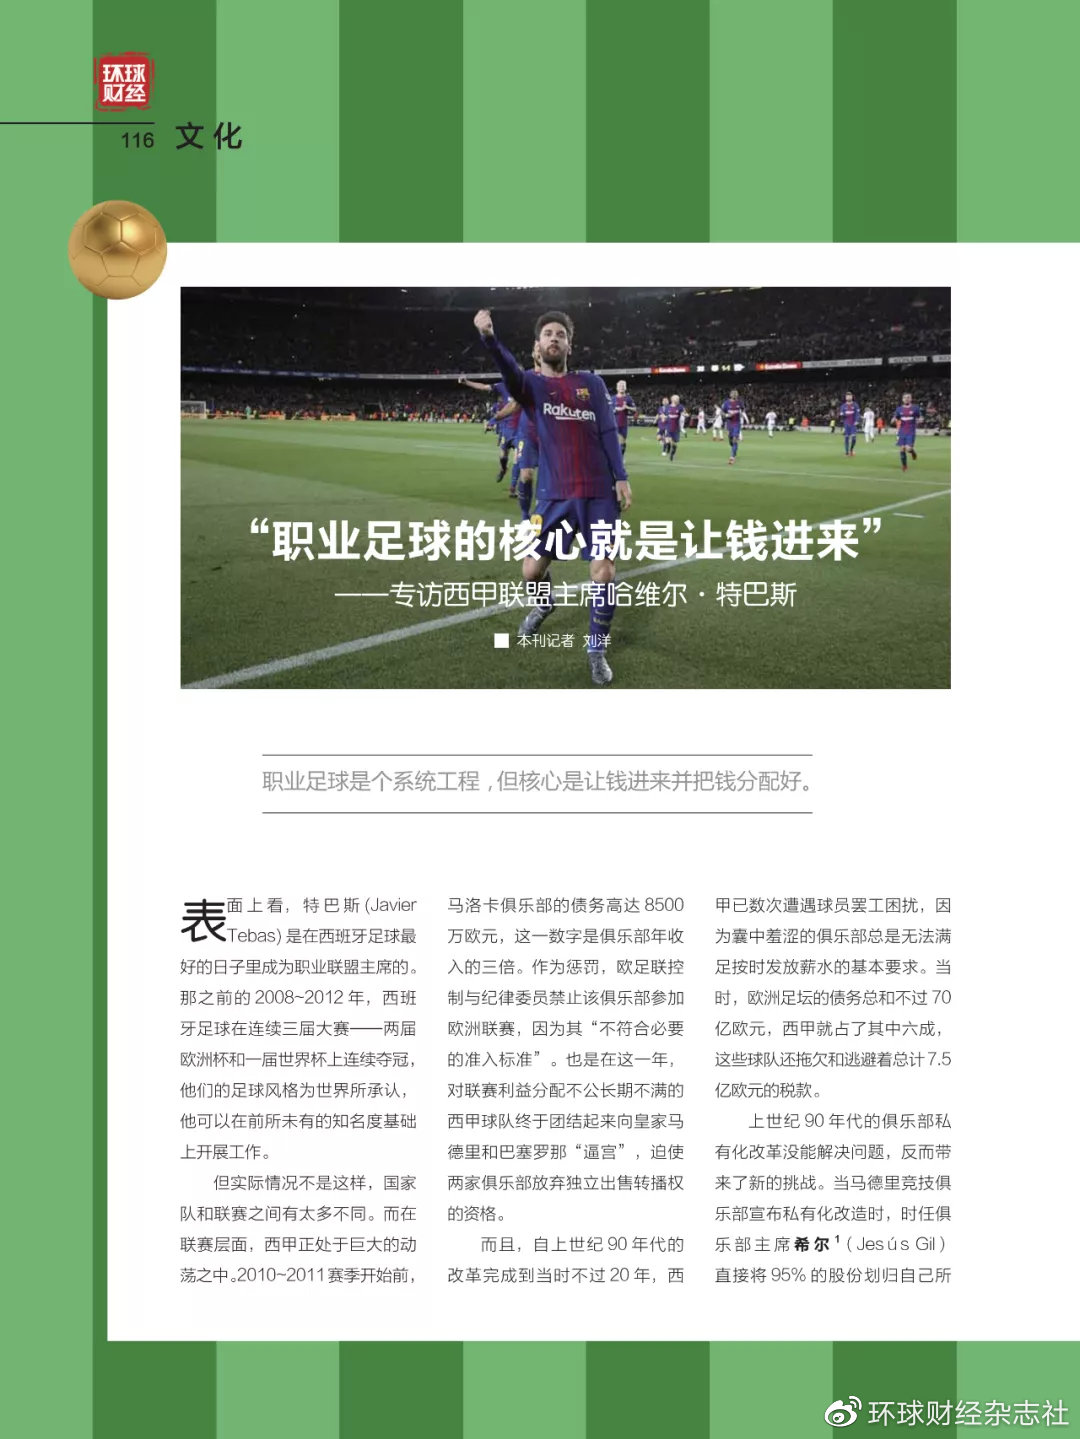 专访 | 西甲联盟主席哈维尔·特巴斯:职业足球的核心就是让钱进来